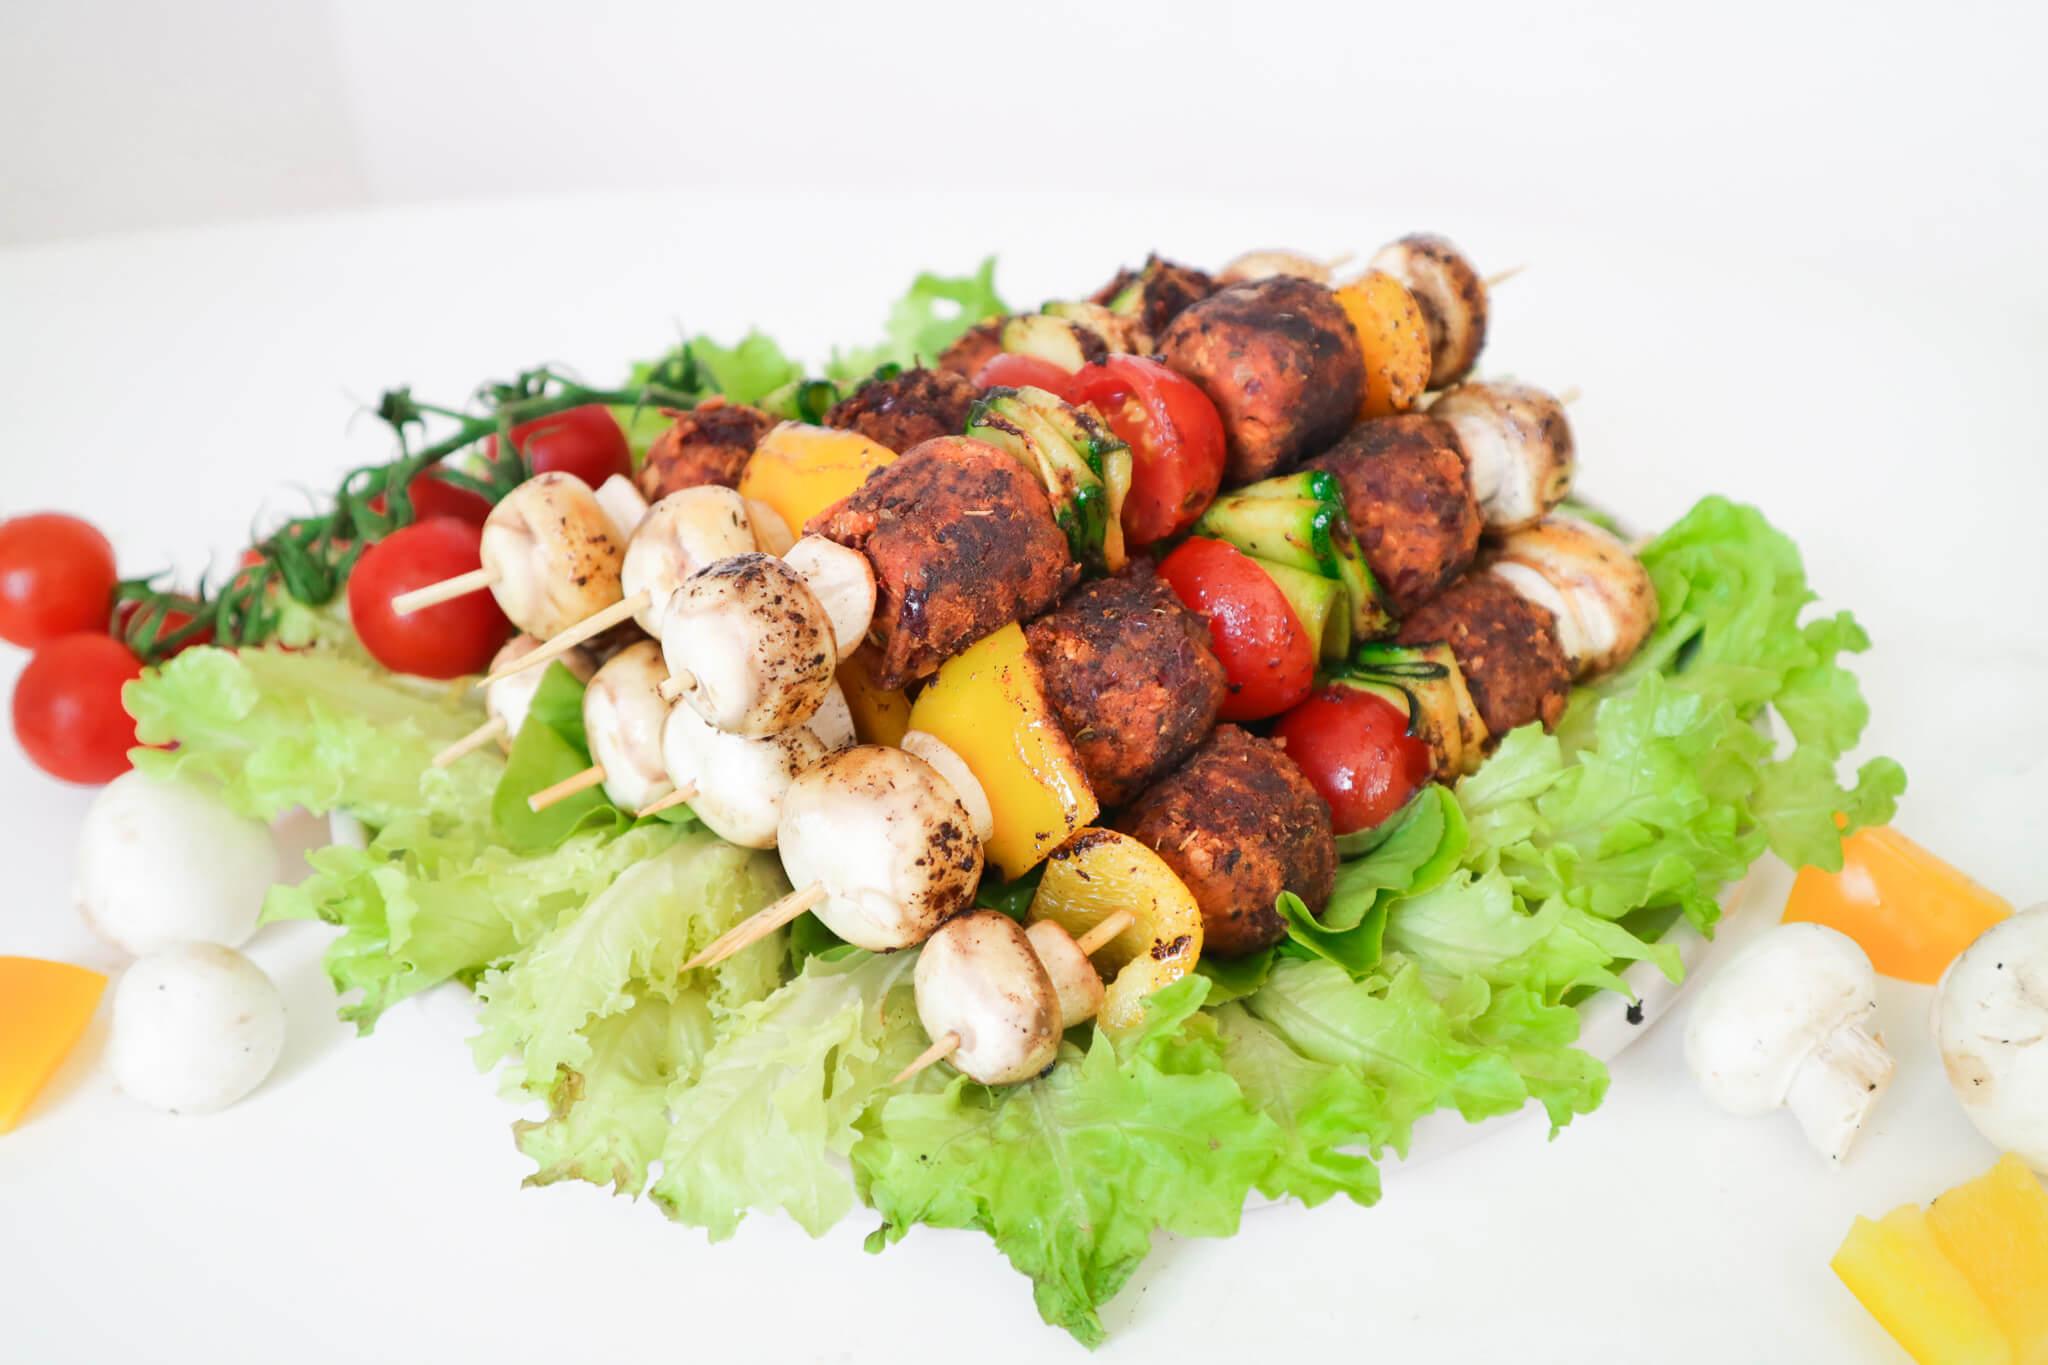 Vegane-Grillspiesse_versteckte-Kalorien_Beitragsbild_Grillspiesse-2